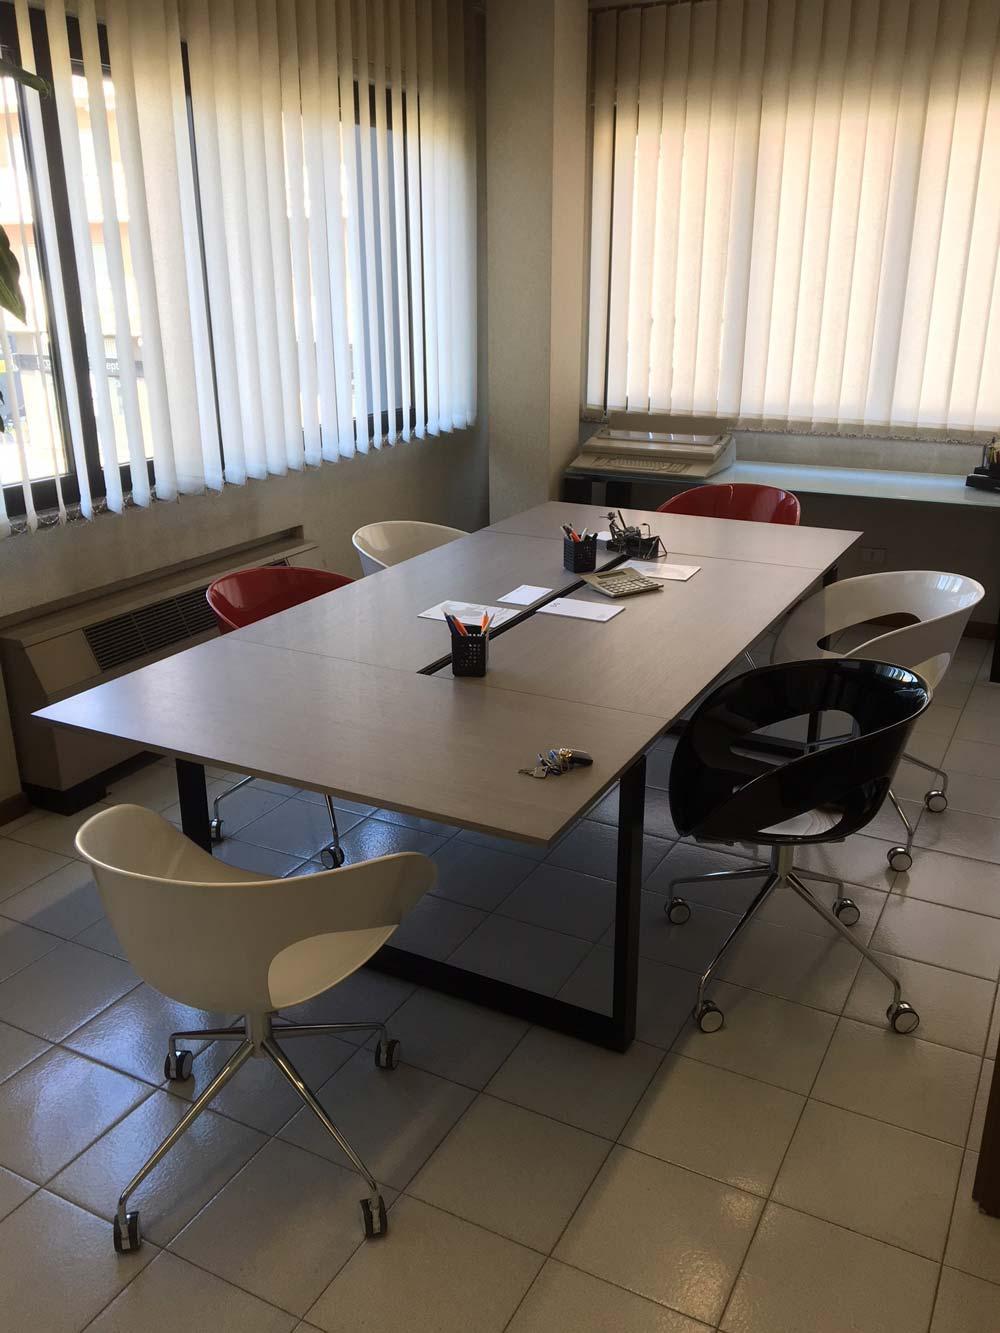 Realizzazione d'arredo Comtec per uffici direzionali studio di consulenzafiscale